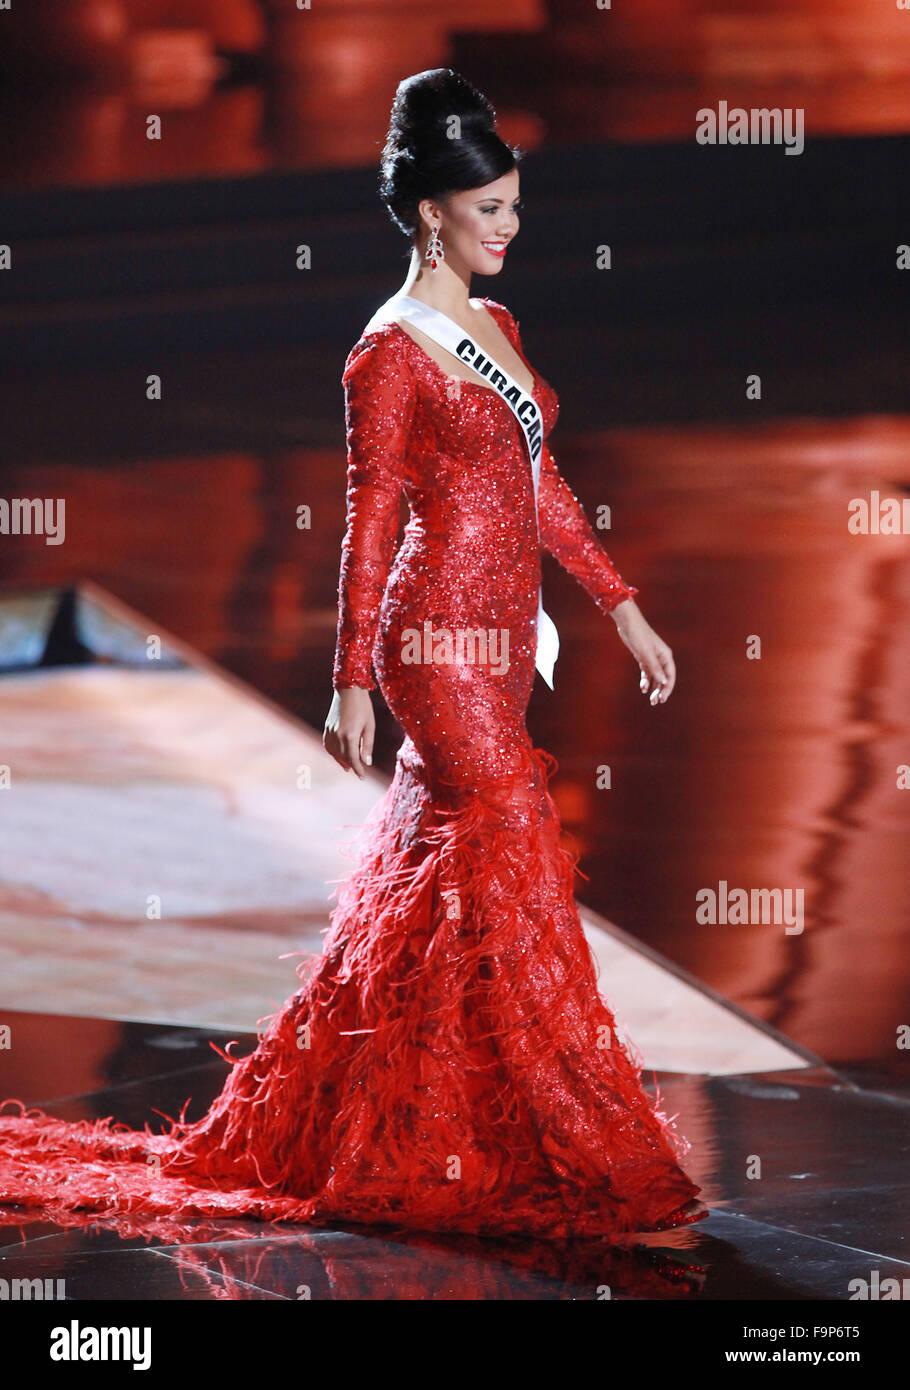 Miss Curacao 2014